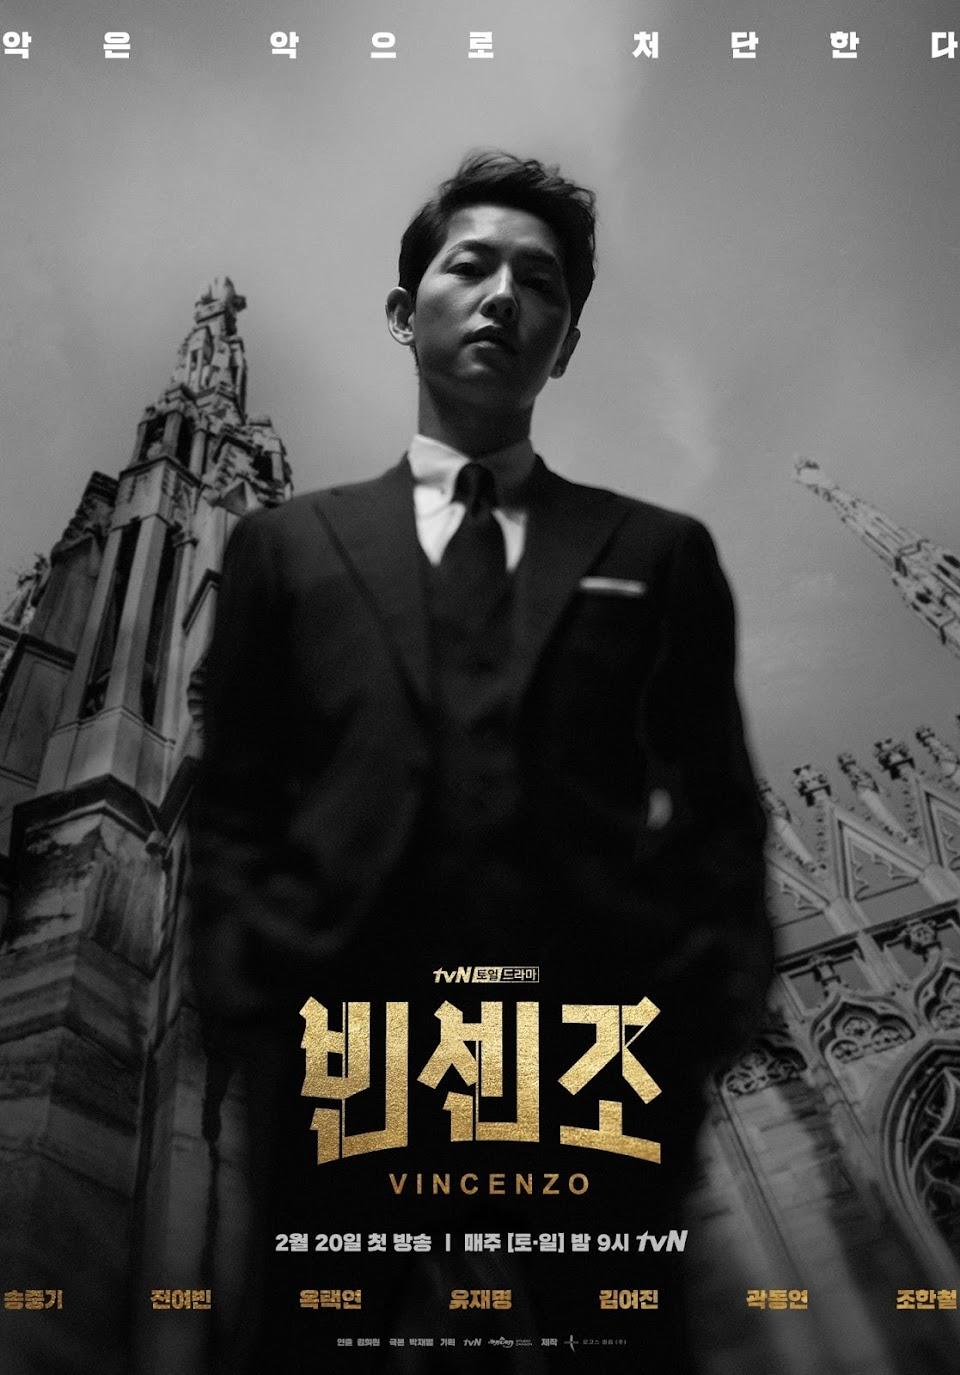 vincenzo-song-joong-ki